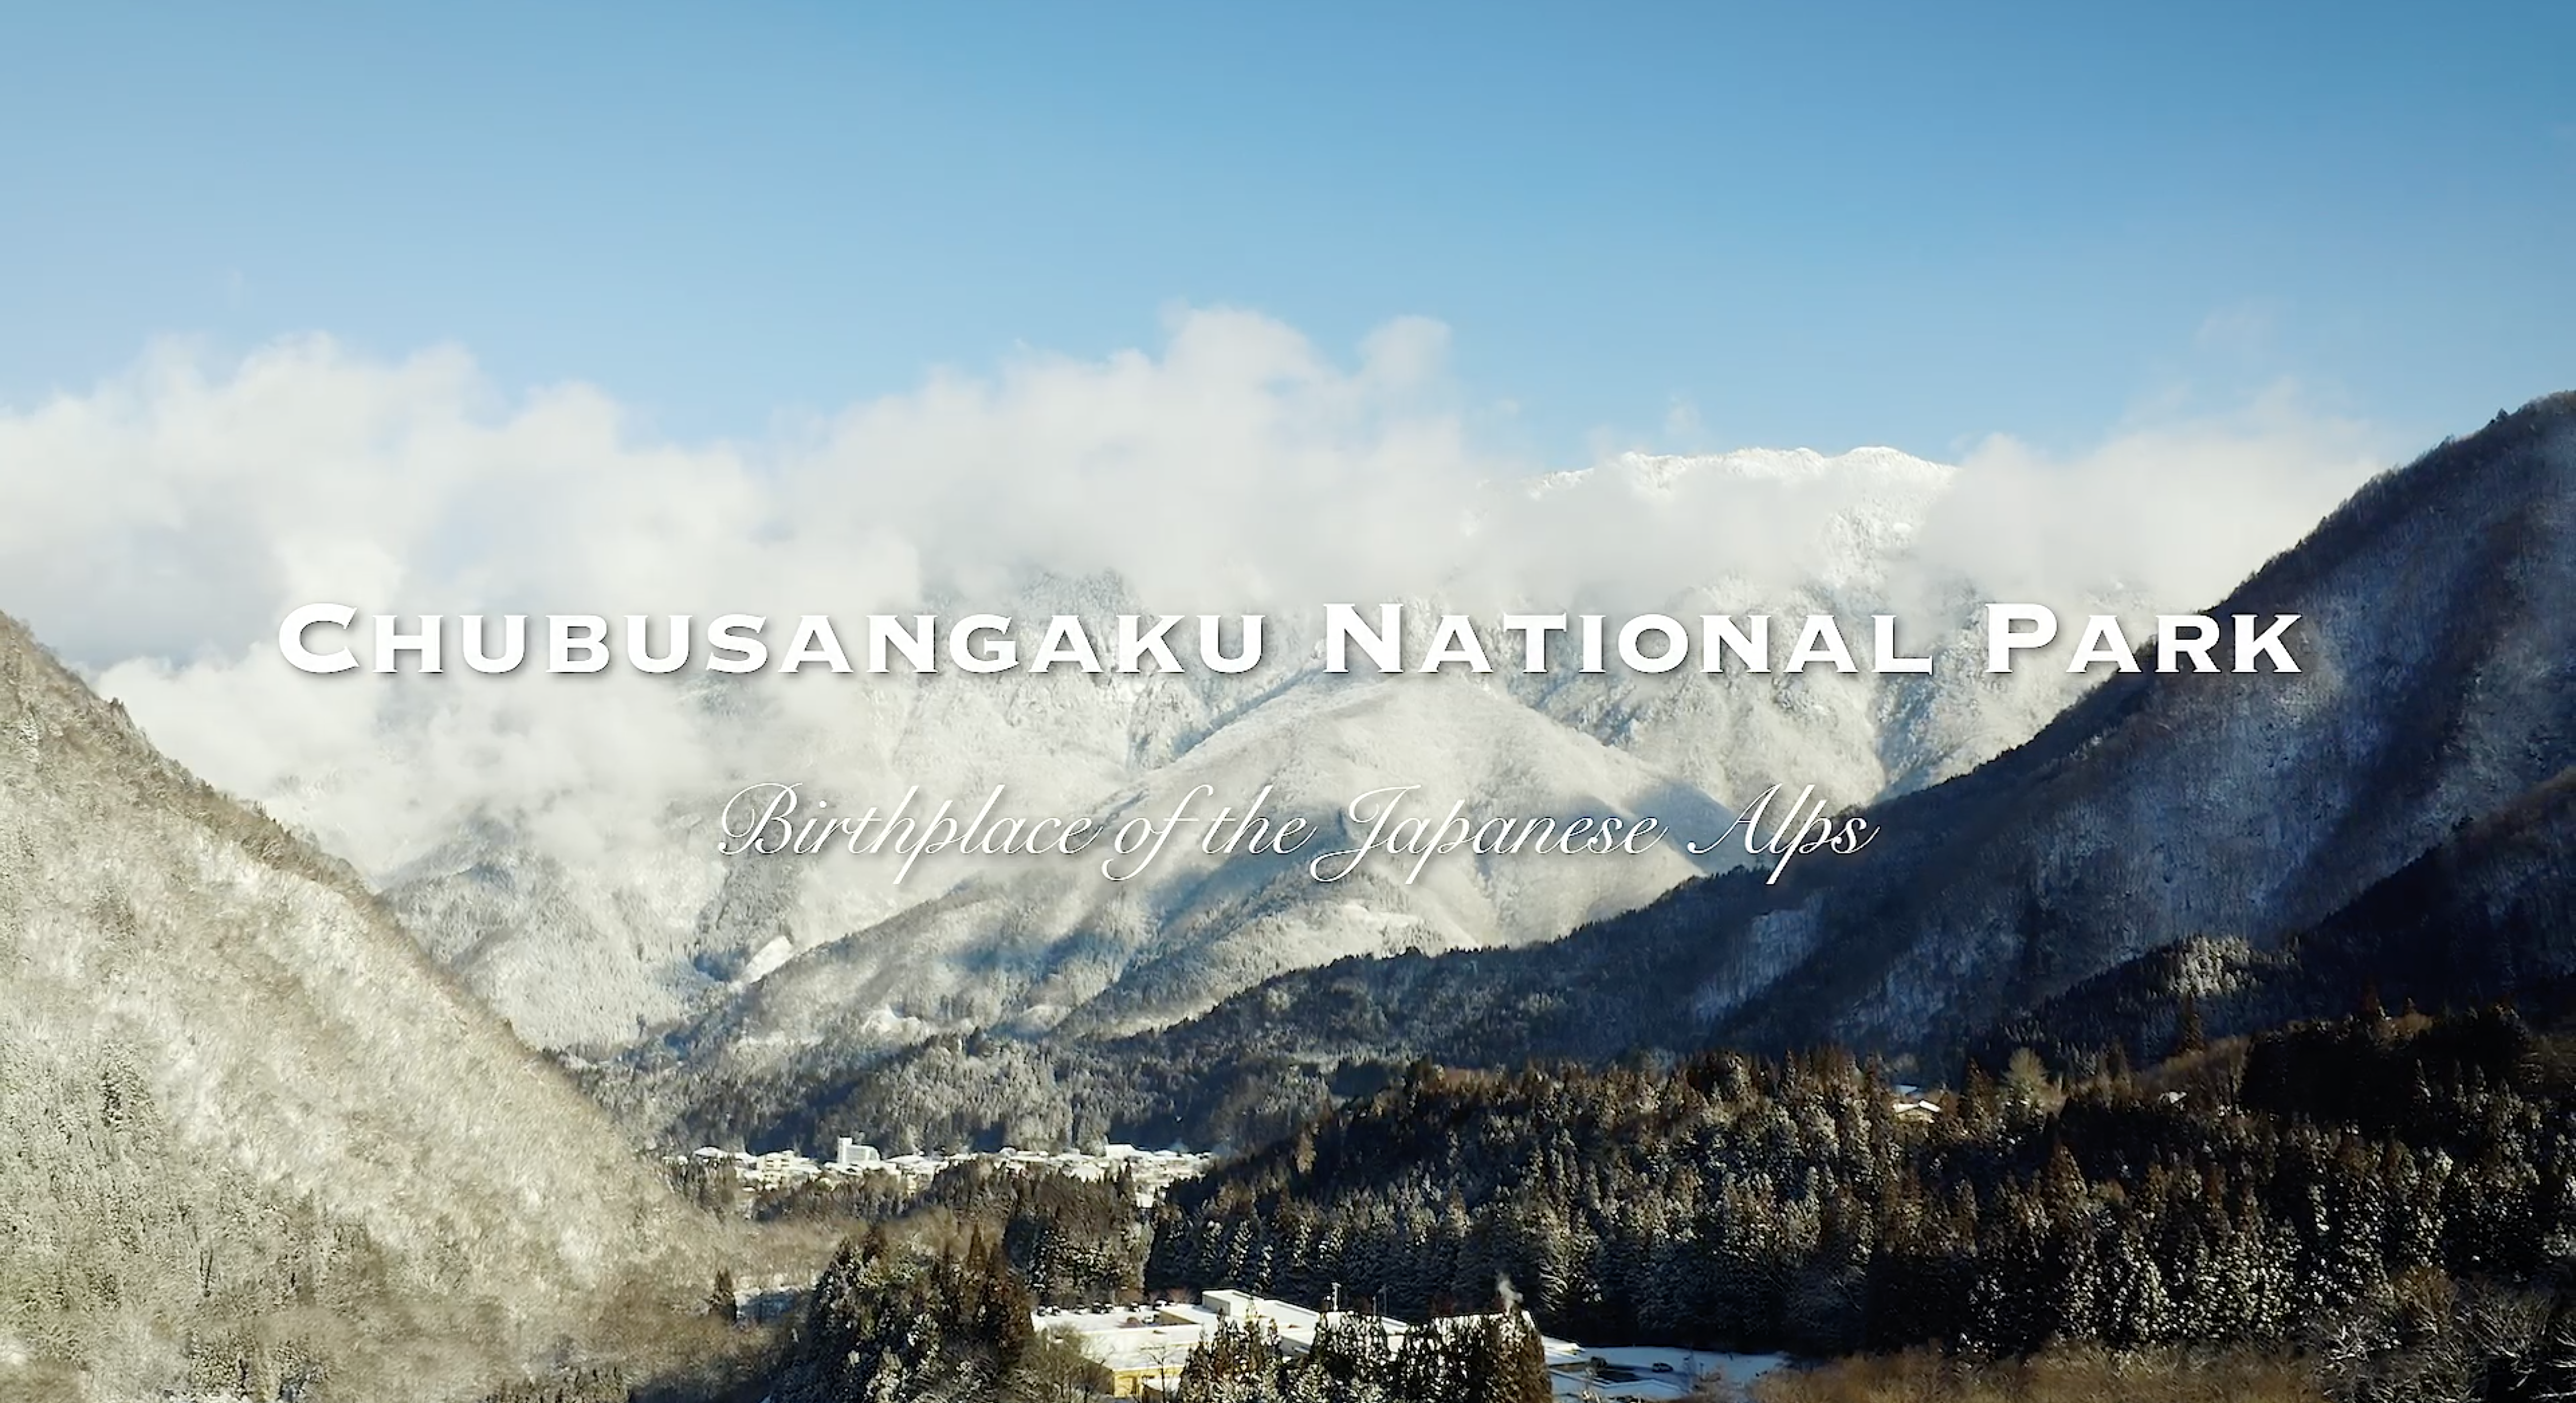 中部山岳国立公園 / Chubusangaku National Park